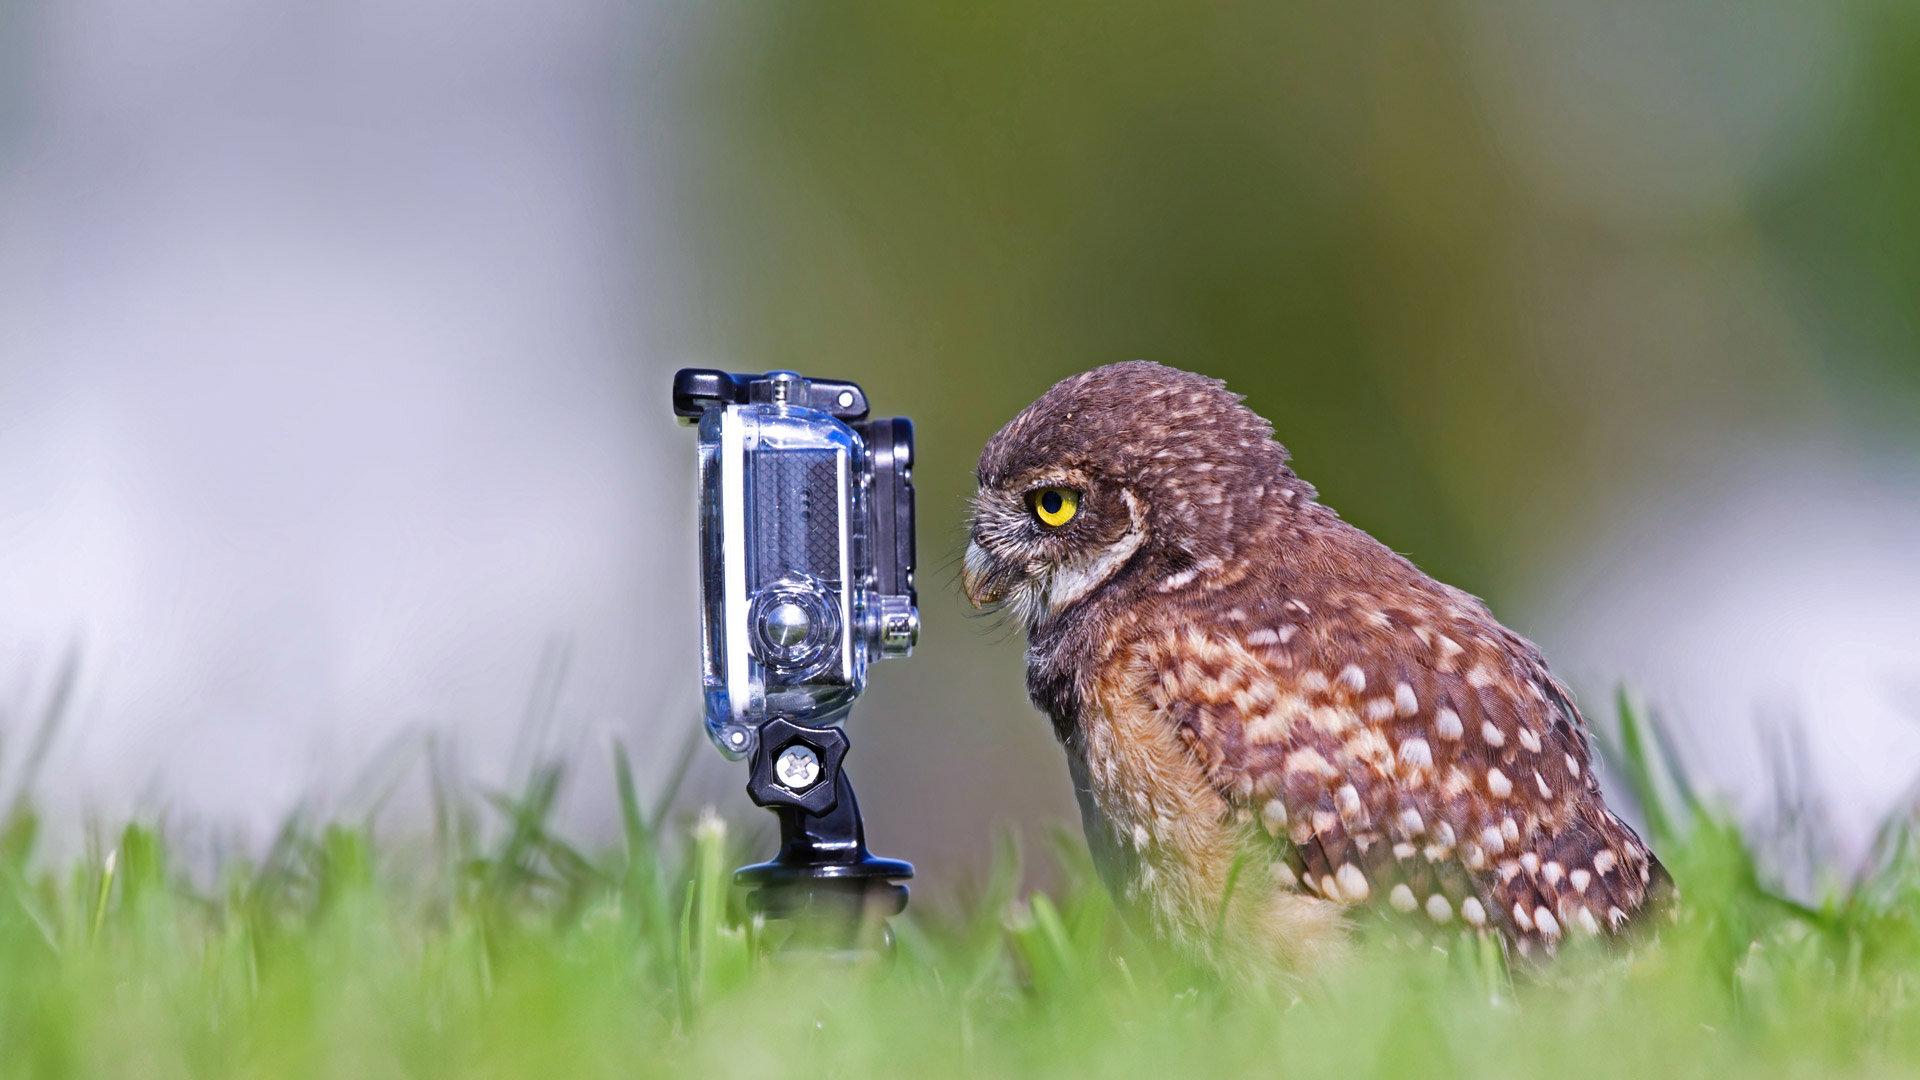 一只正在摆姿势的穴鸮